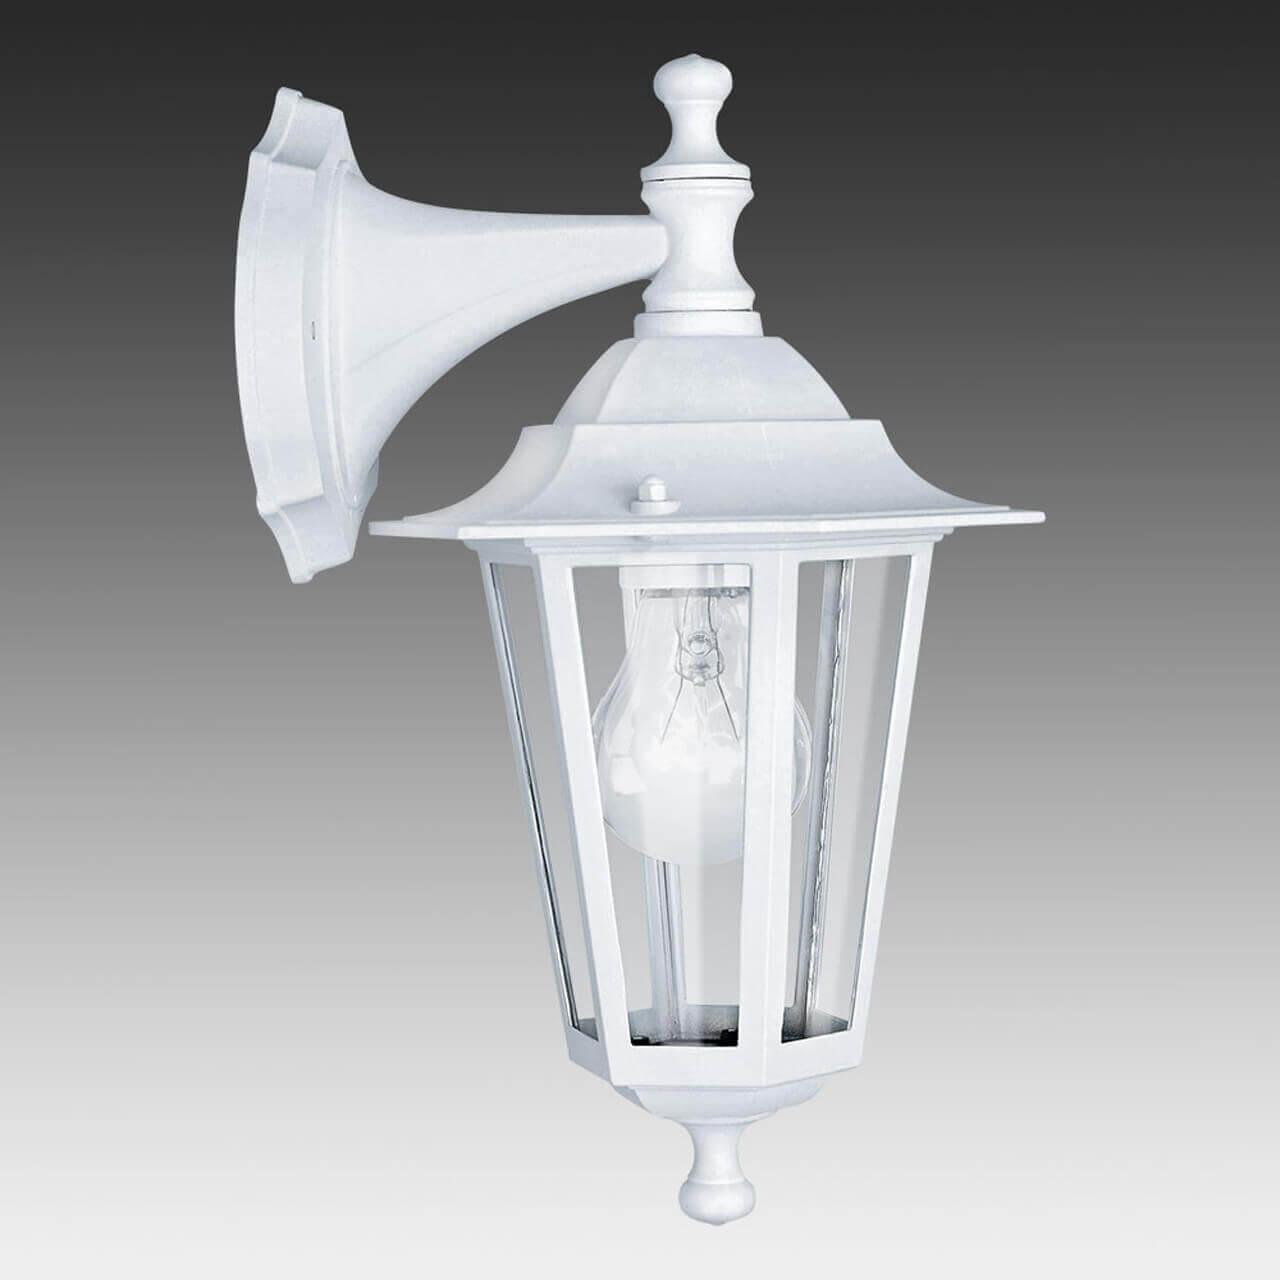 Уличный светильник Eglo 22462, E27 eglo уличный настенный светильник eglo laterna 7 3376